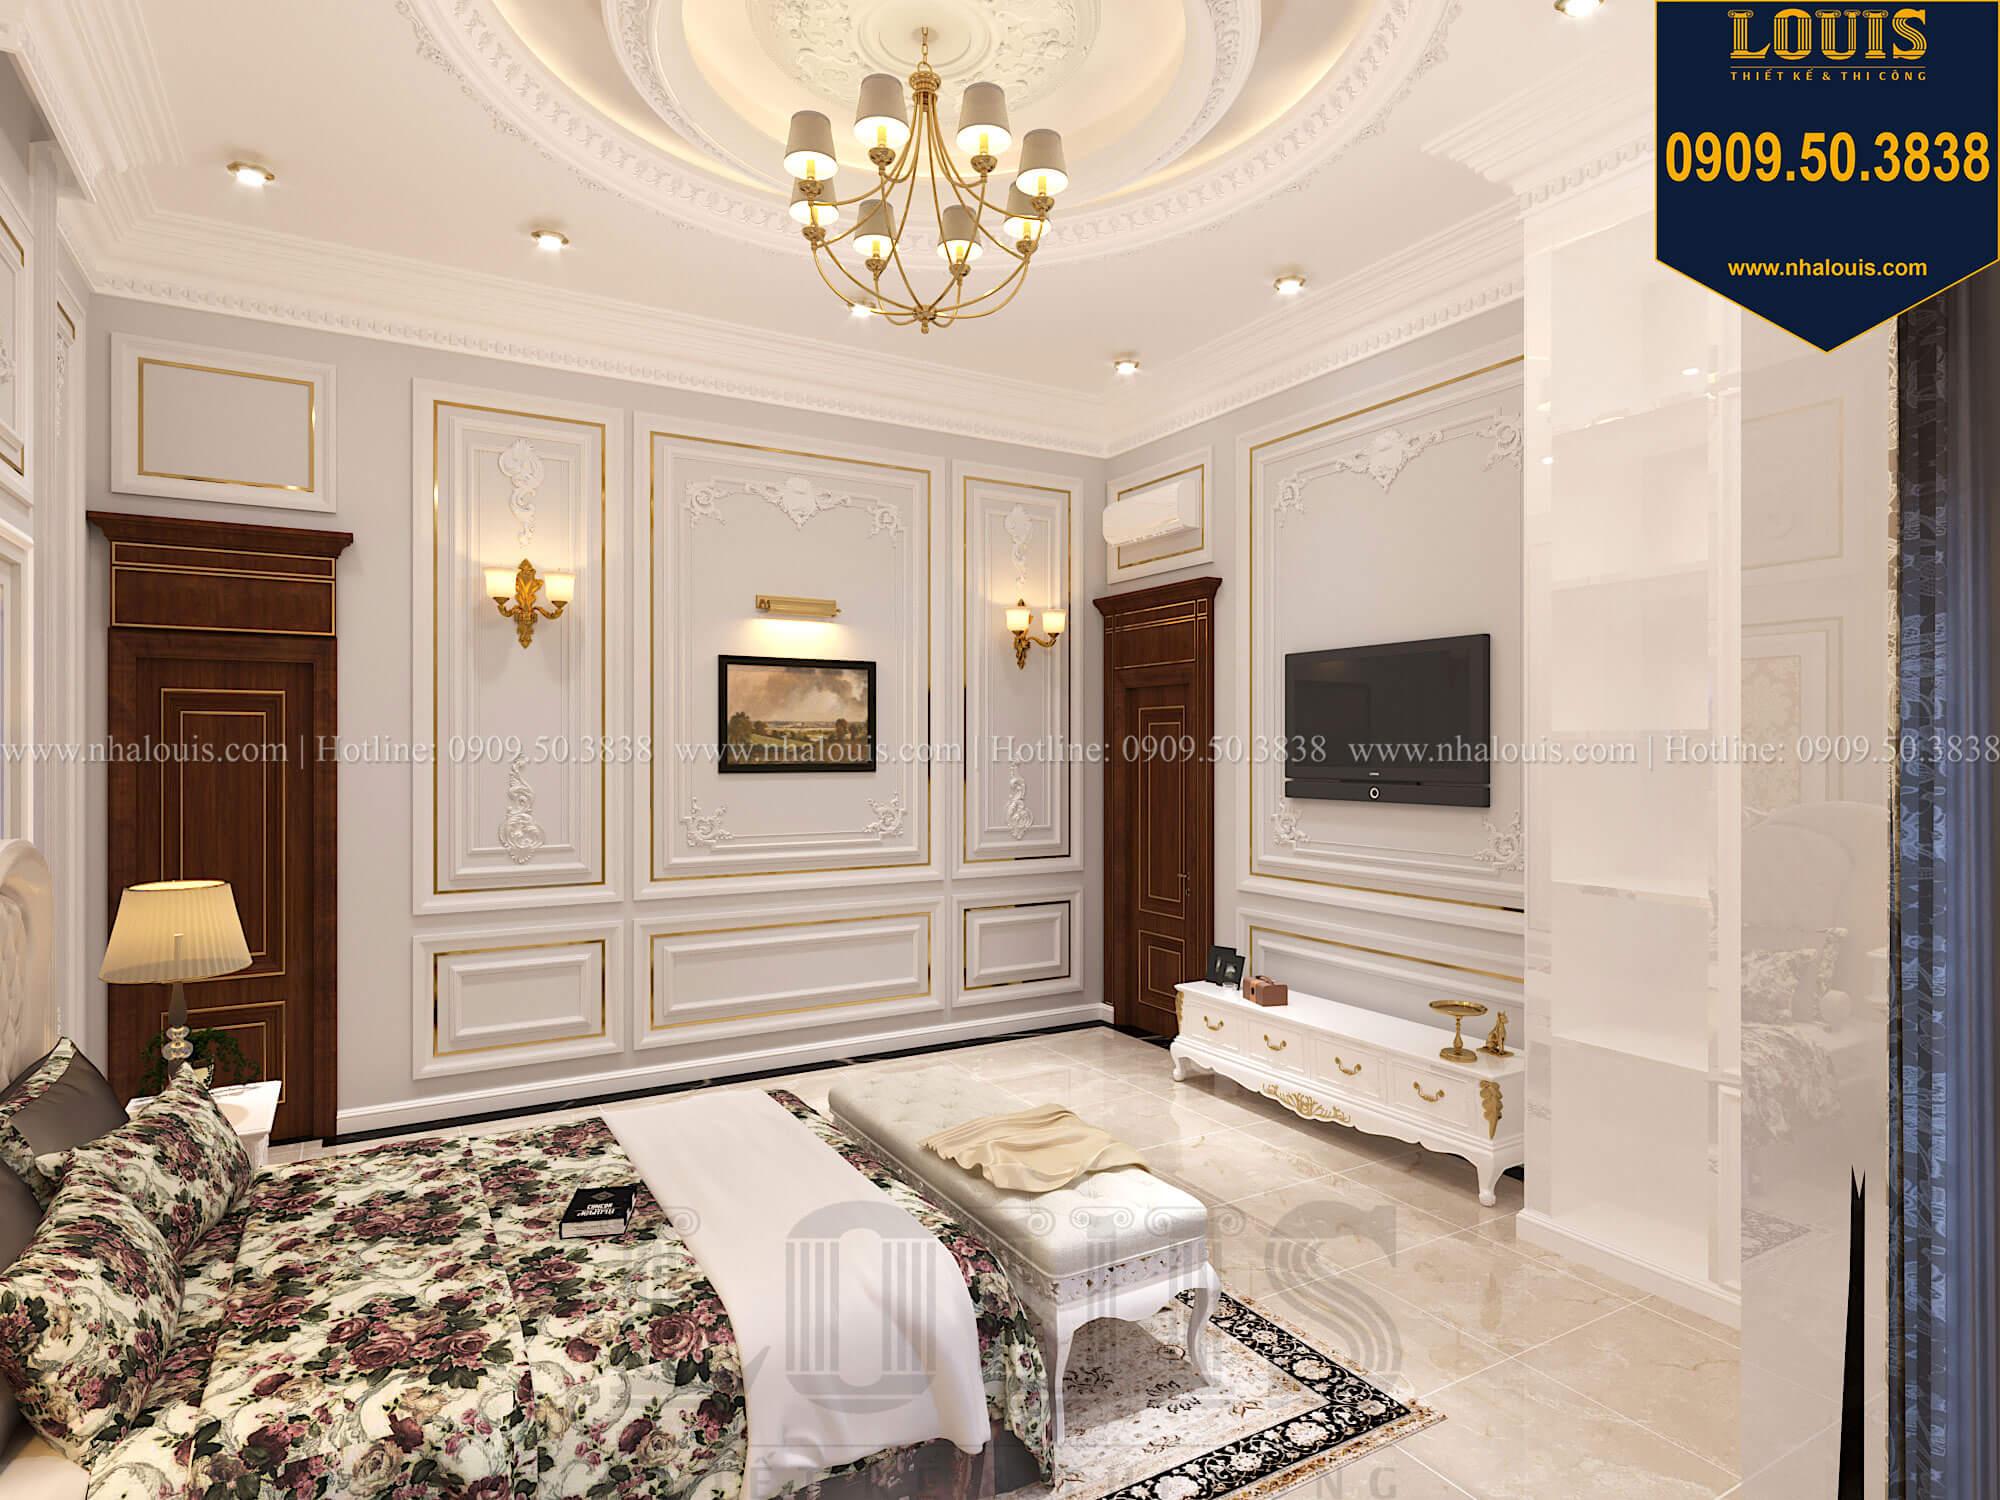 Phòng ngủ con gái Thiết kế biệt thự cổ điển 2 tầng nguy nga và đẳng cấp tại Tây Ninh - 59